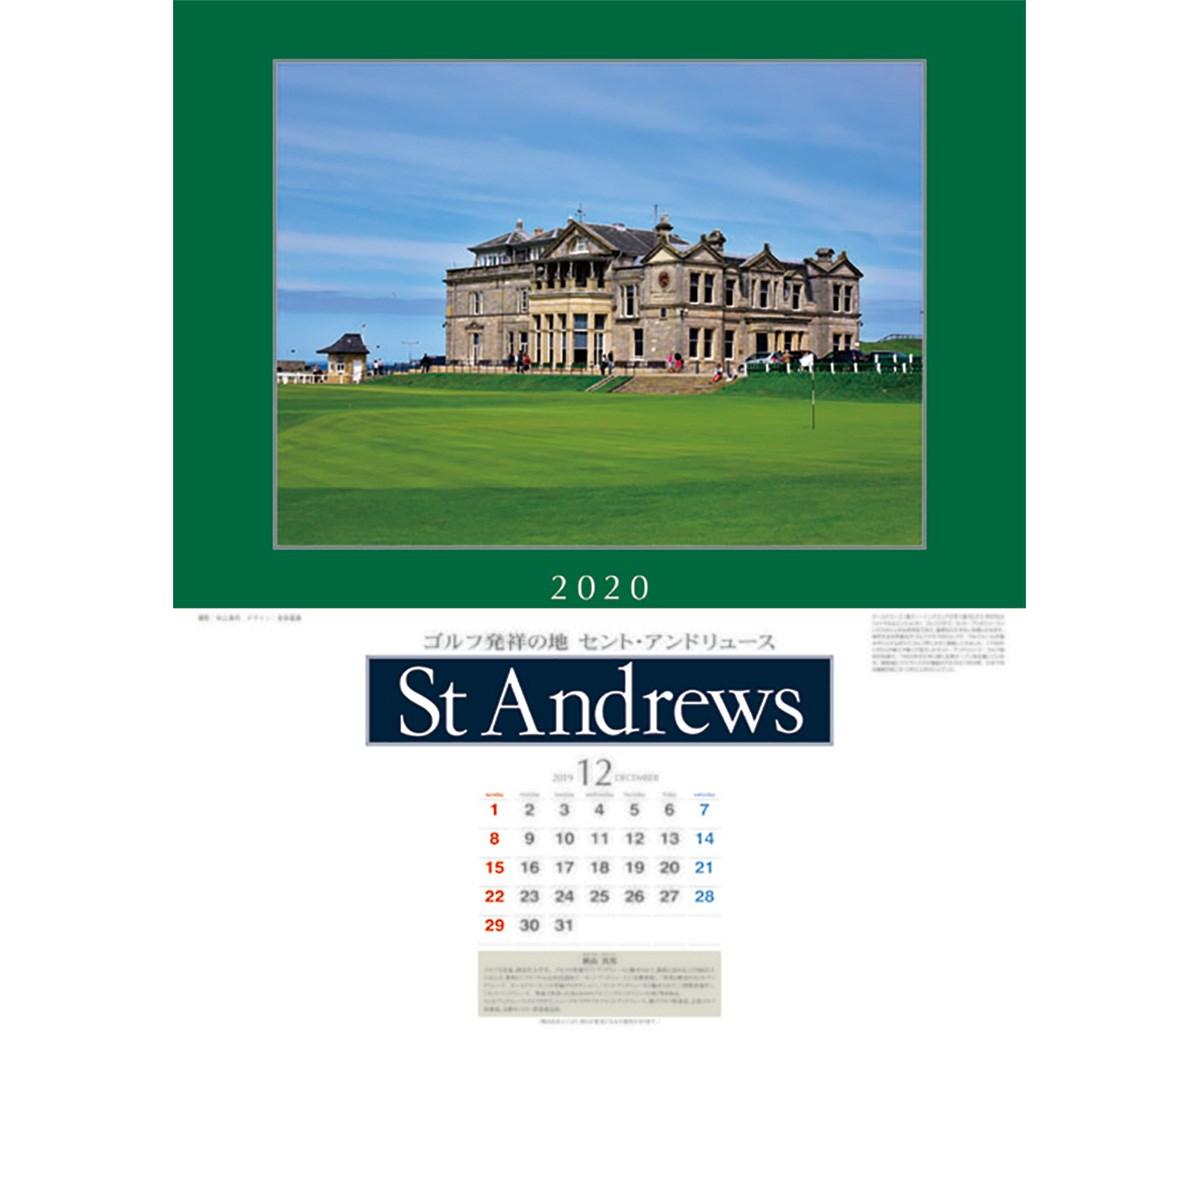 ゴルフダイジェスト(GolfDigest) 2020セントアンドリュースカレンダー